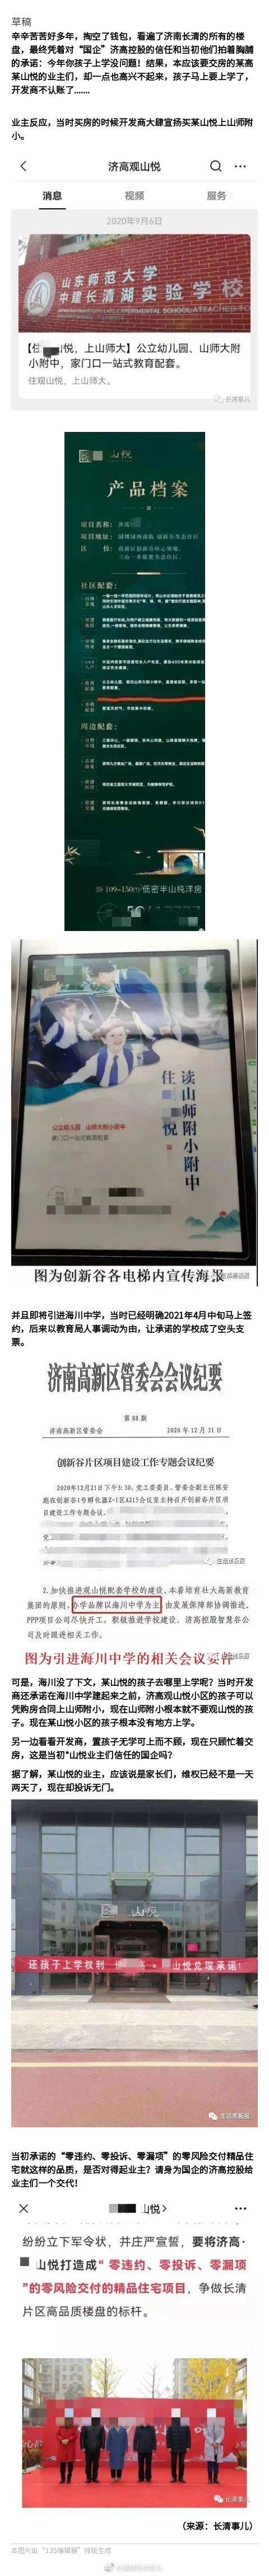 """济南长清济高观山悦""""上山师附小""""成空头支票"""